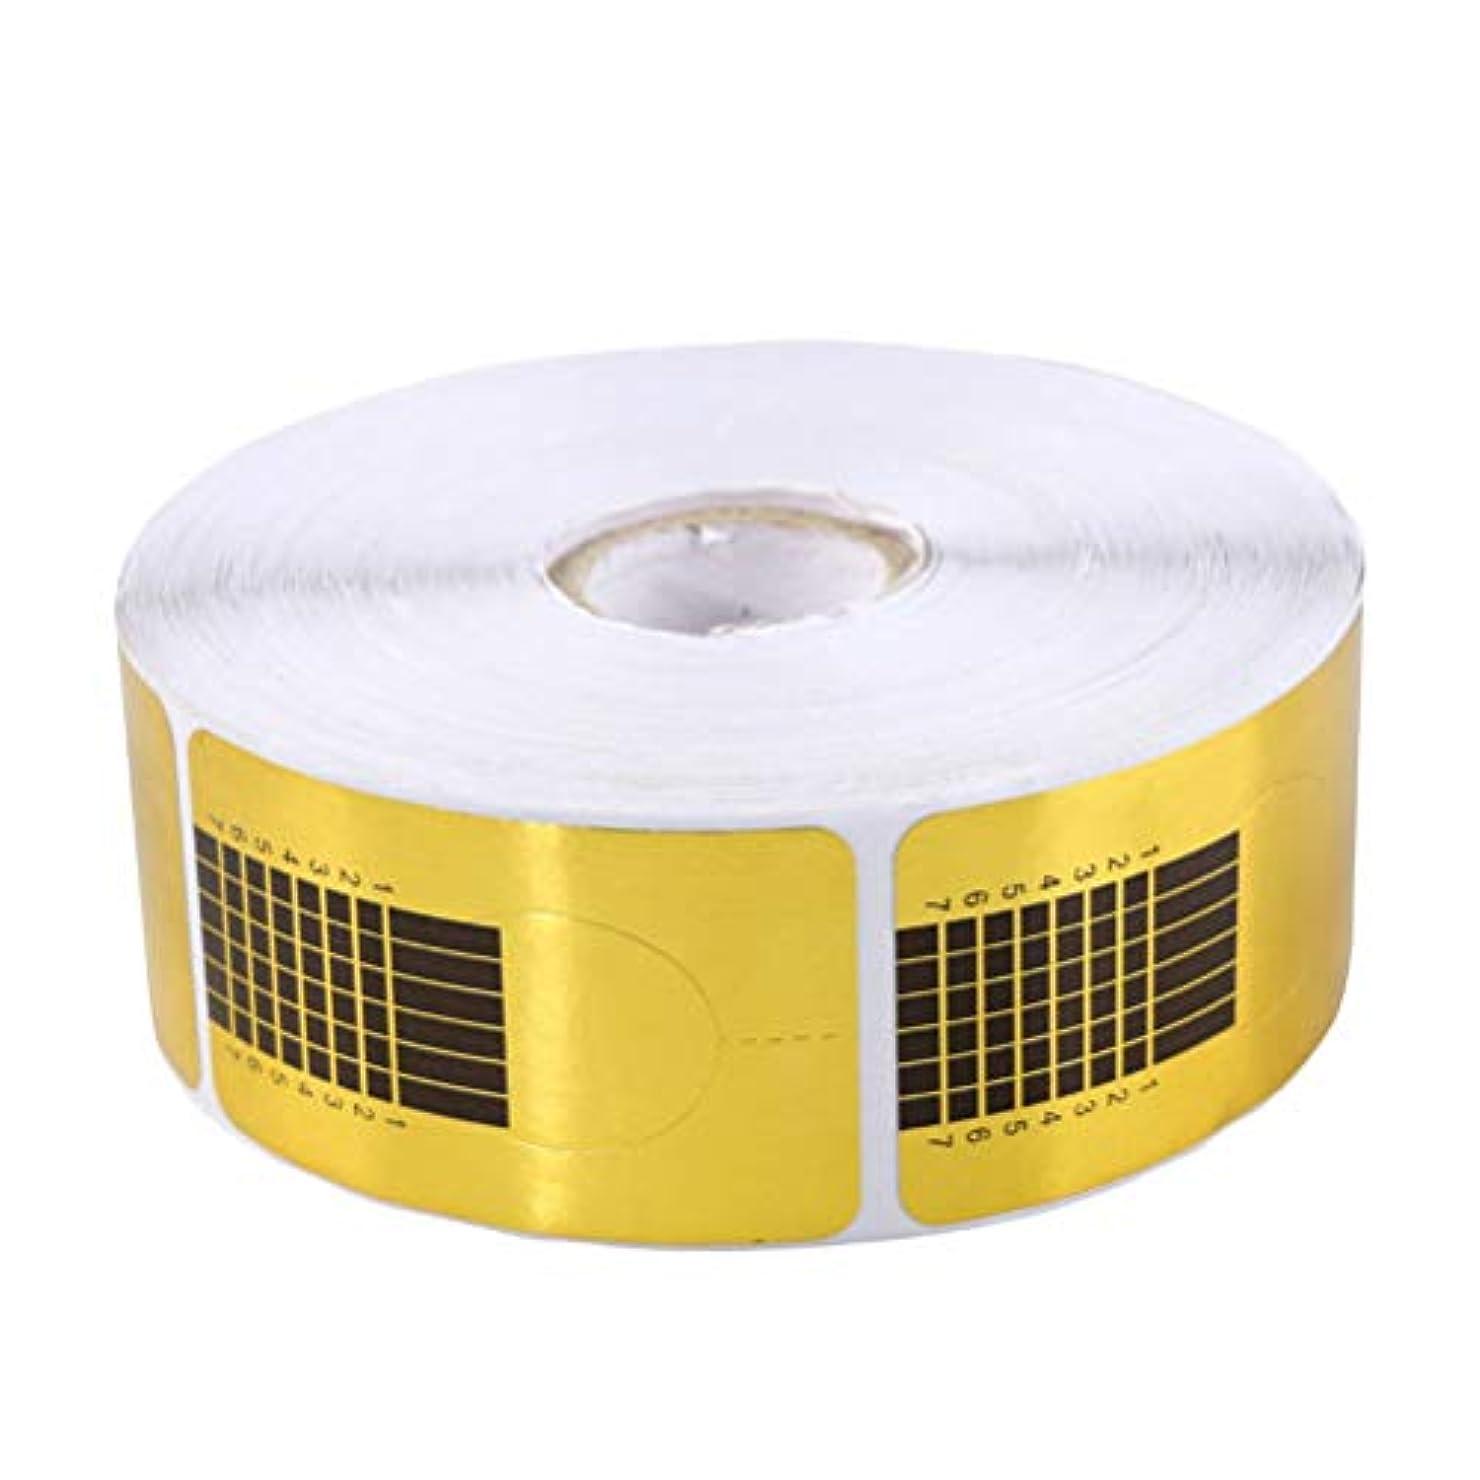 窒素しかしぼかすFrcolor ネイルフォーム 使い捨て プロ用 1000枚 ネイルアート フォーム ネイルサロン ゴールド 2ロール